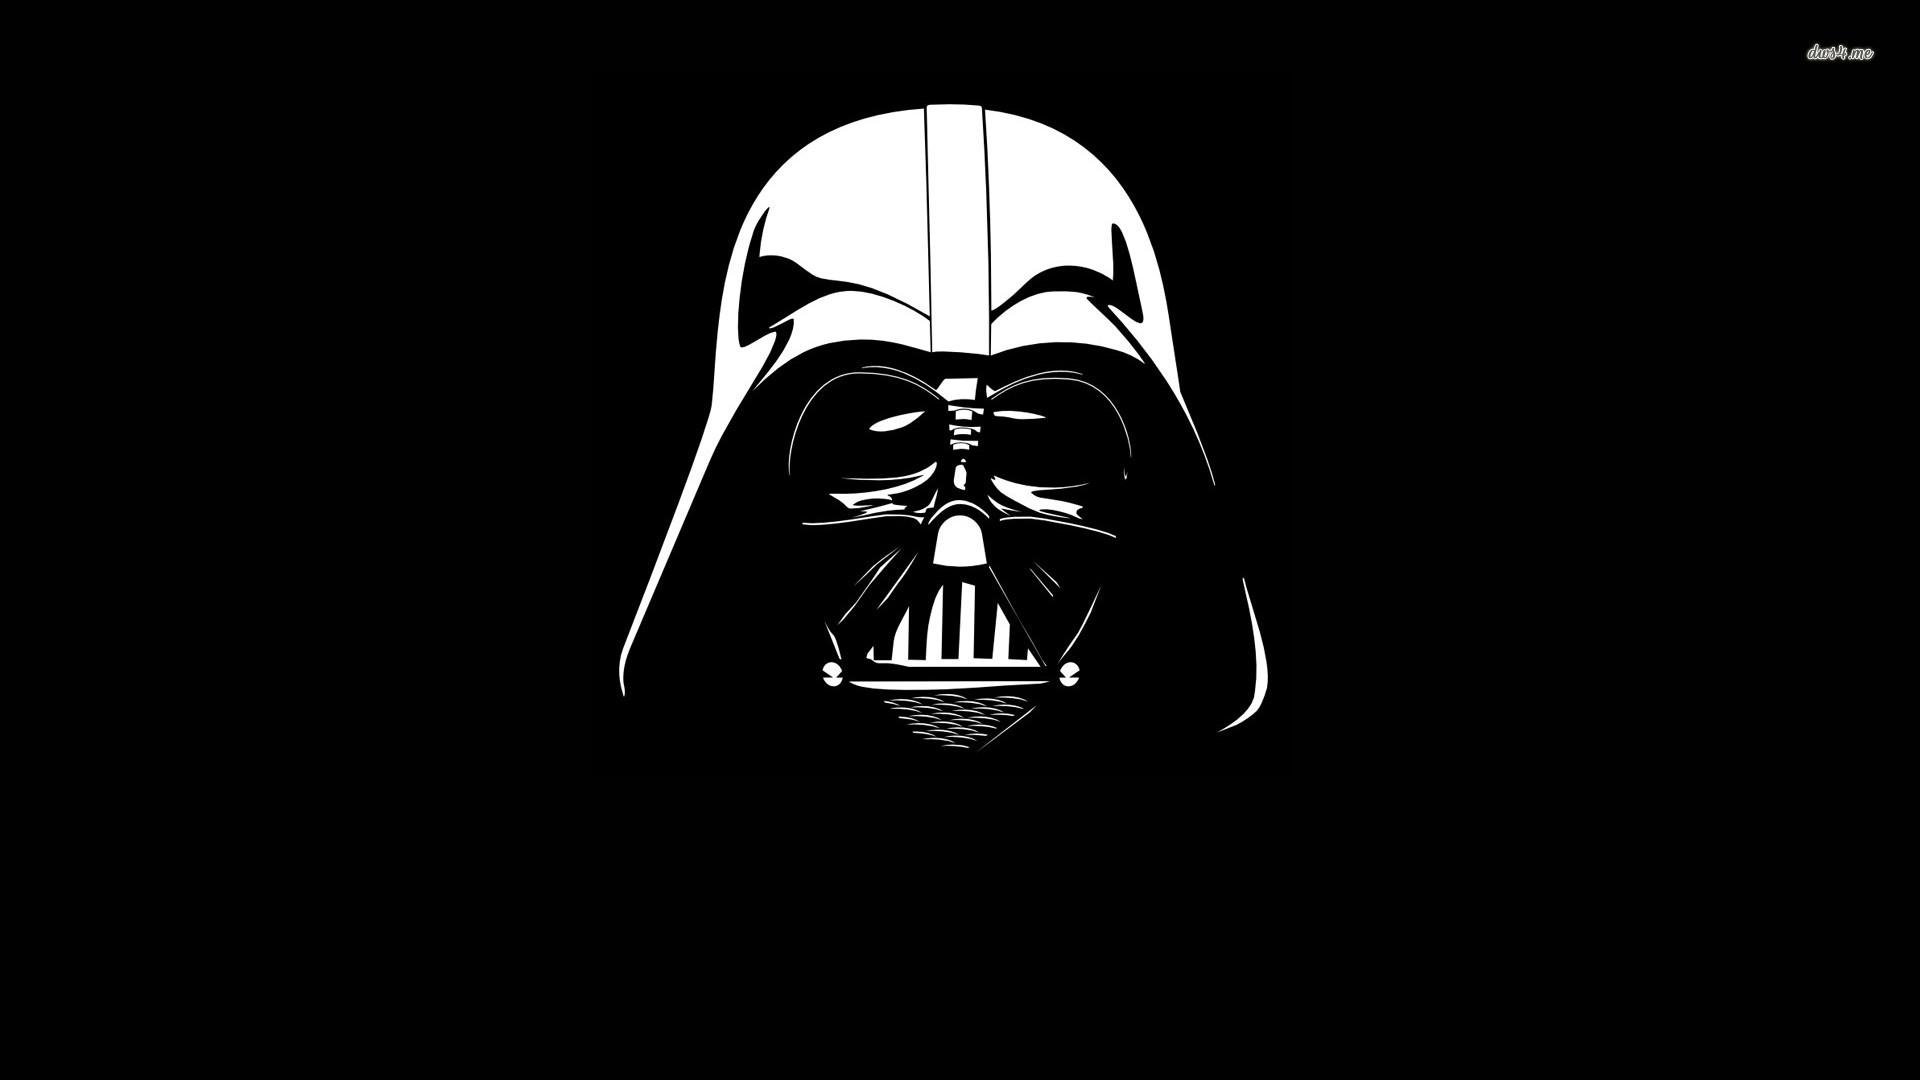 ... Darth Vader wallpaper 1920x1080 ...